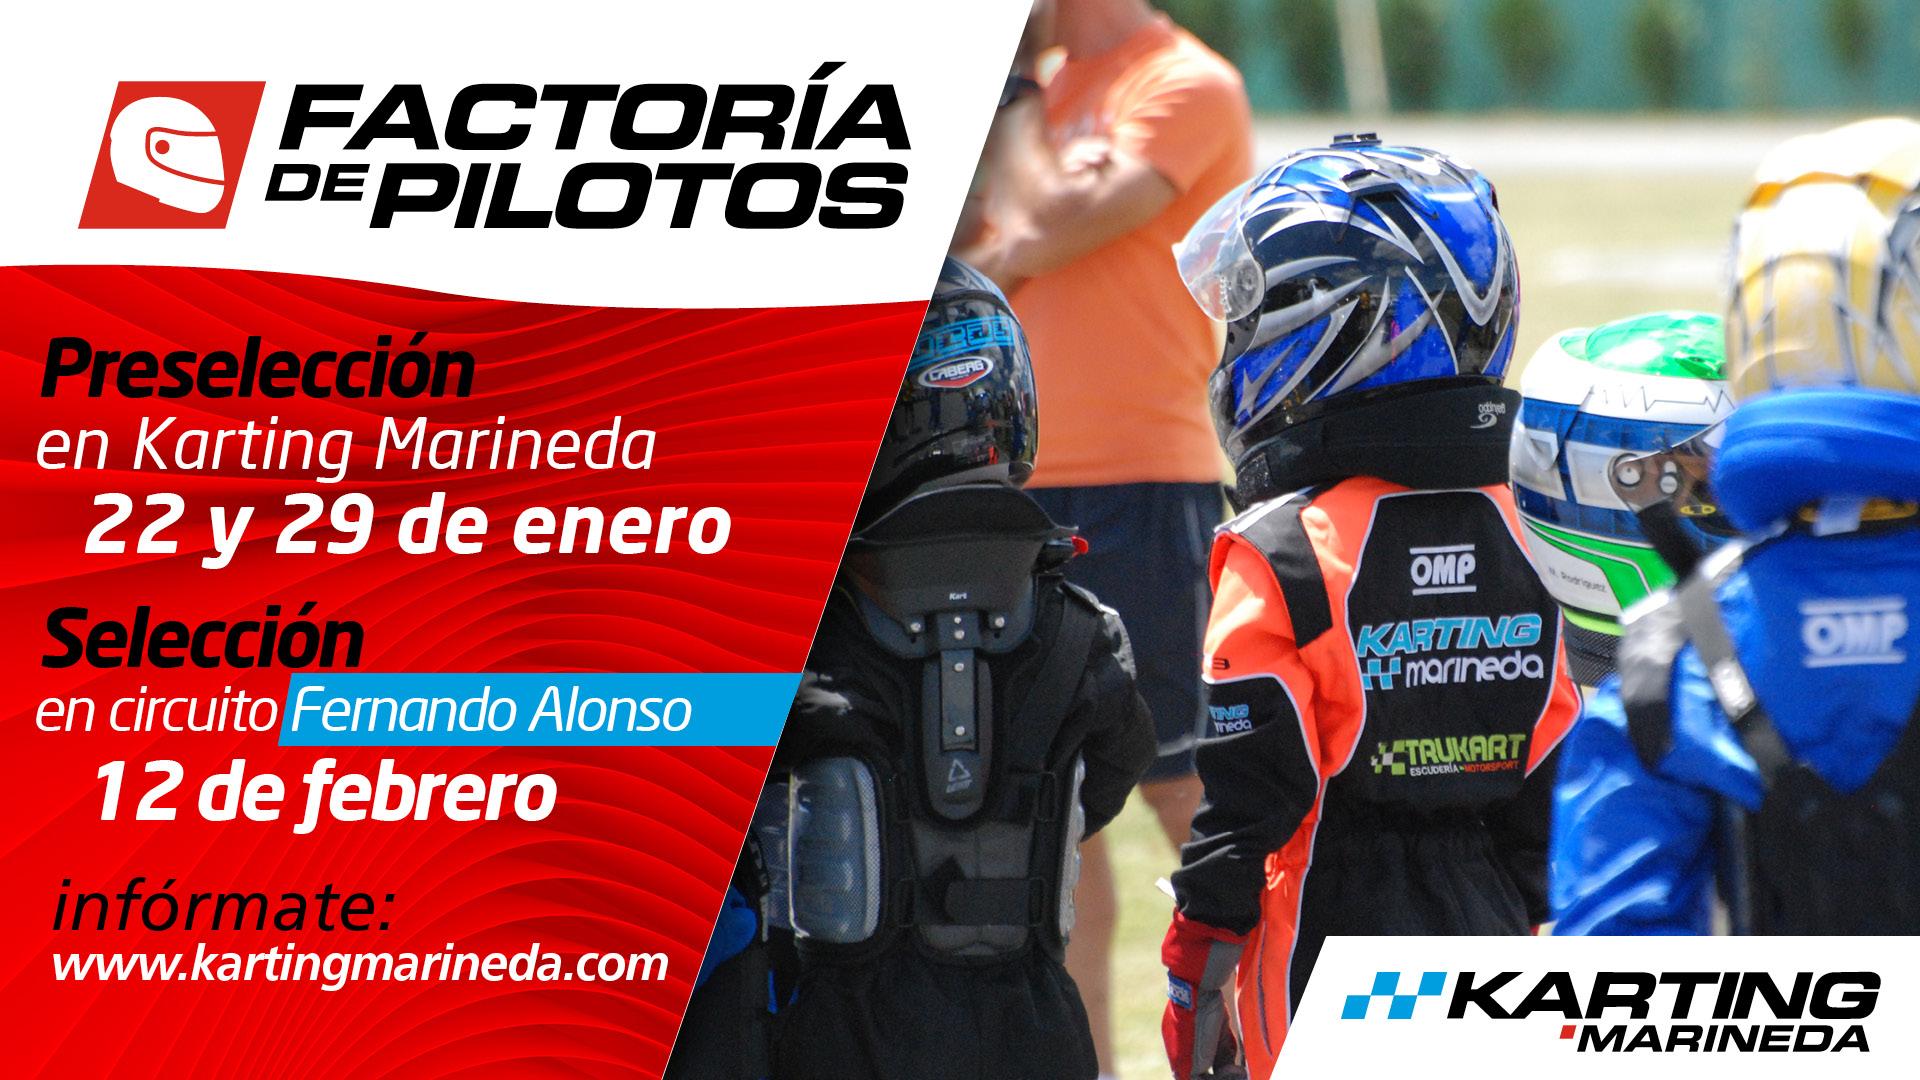 ARRANCA LA 3ª EDICIÓN DE LA FACTORÍA DE PILOTOS